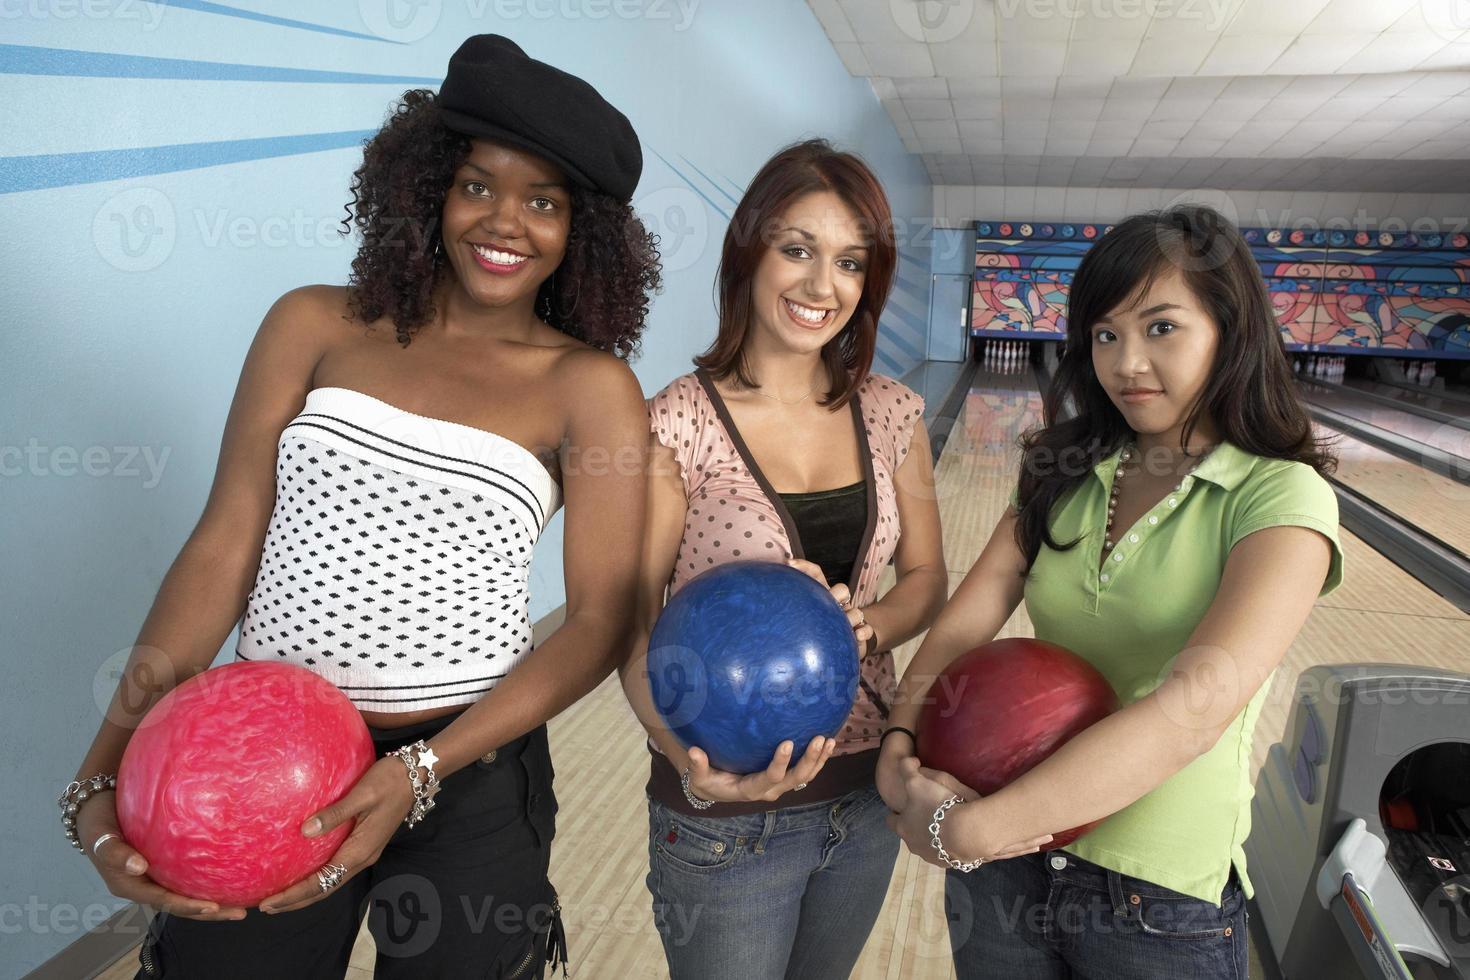 gruppo di amici in una pista da bowling foto